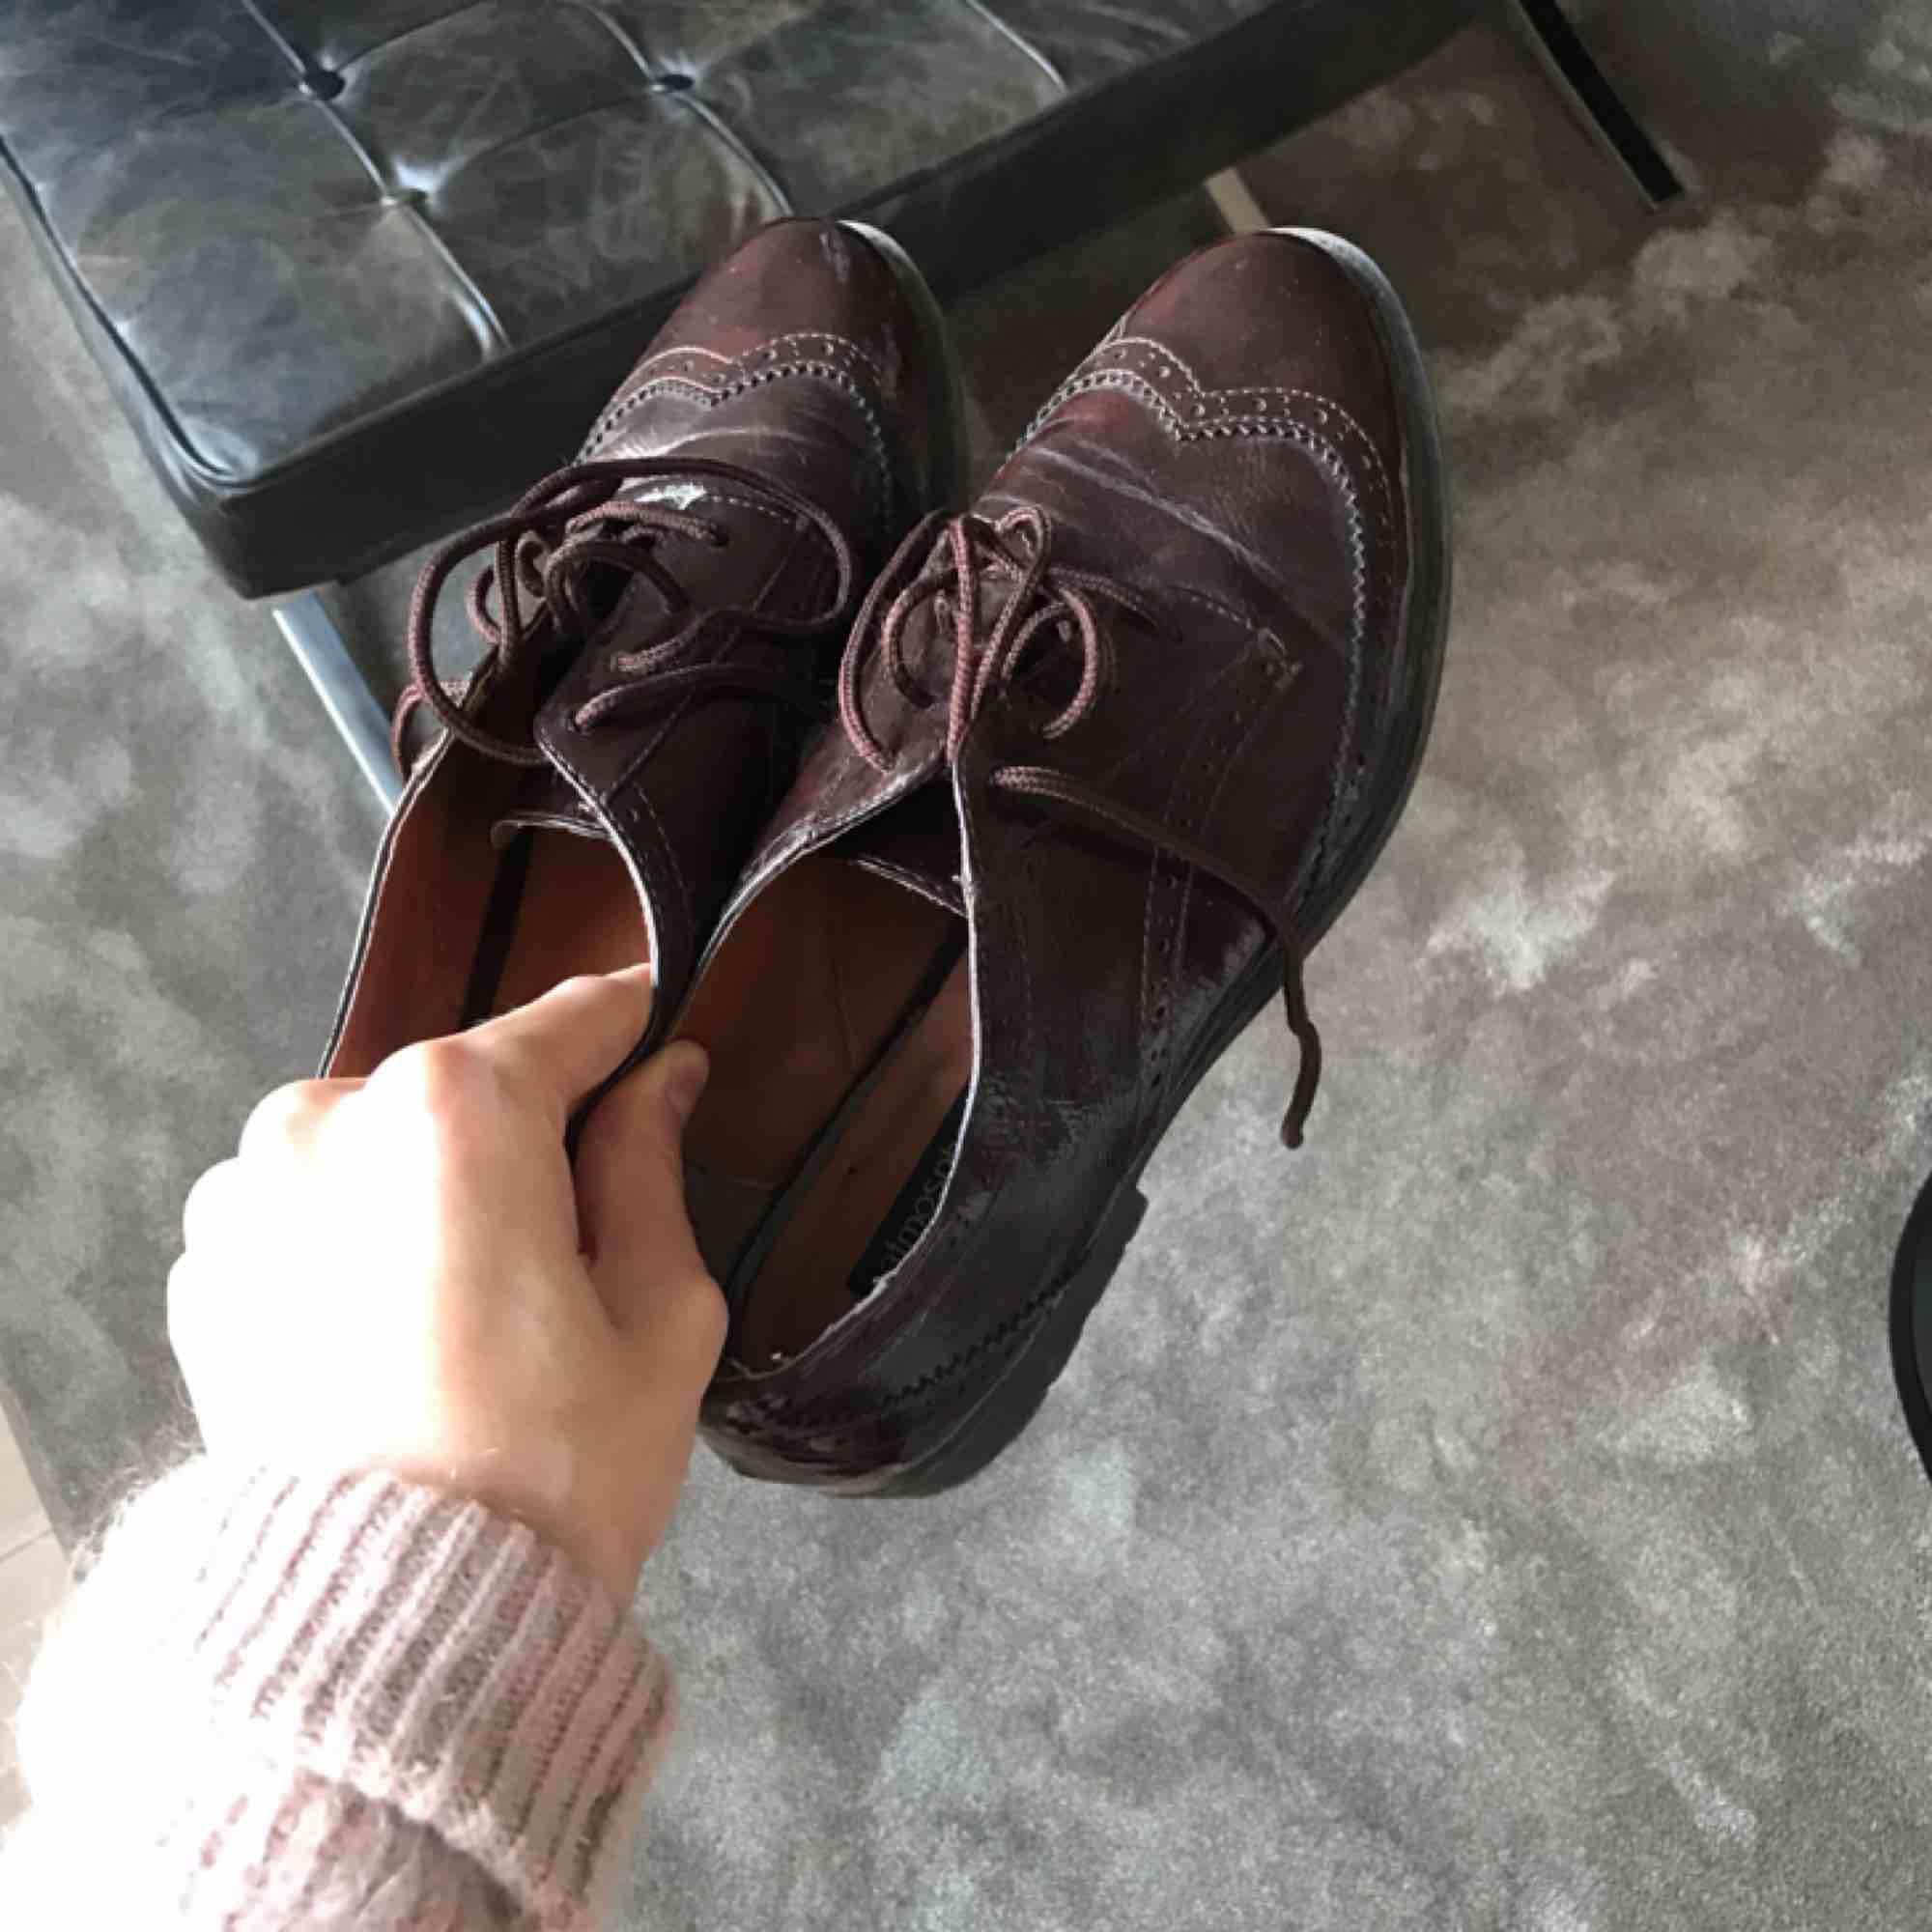 Skor från i London, dessvärre står ingen storlek, men de passar mig som brukar ha skor i storlek 38/39. Mörkröd färg och snören i samma färg, i glansigt material. Priset inkluderar inte frakt. Använda ca 1-2 gånger, men skicket är väldigt bra. . Skor.